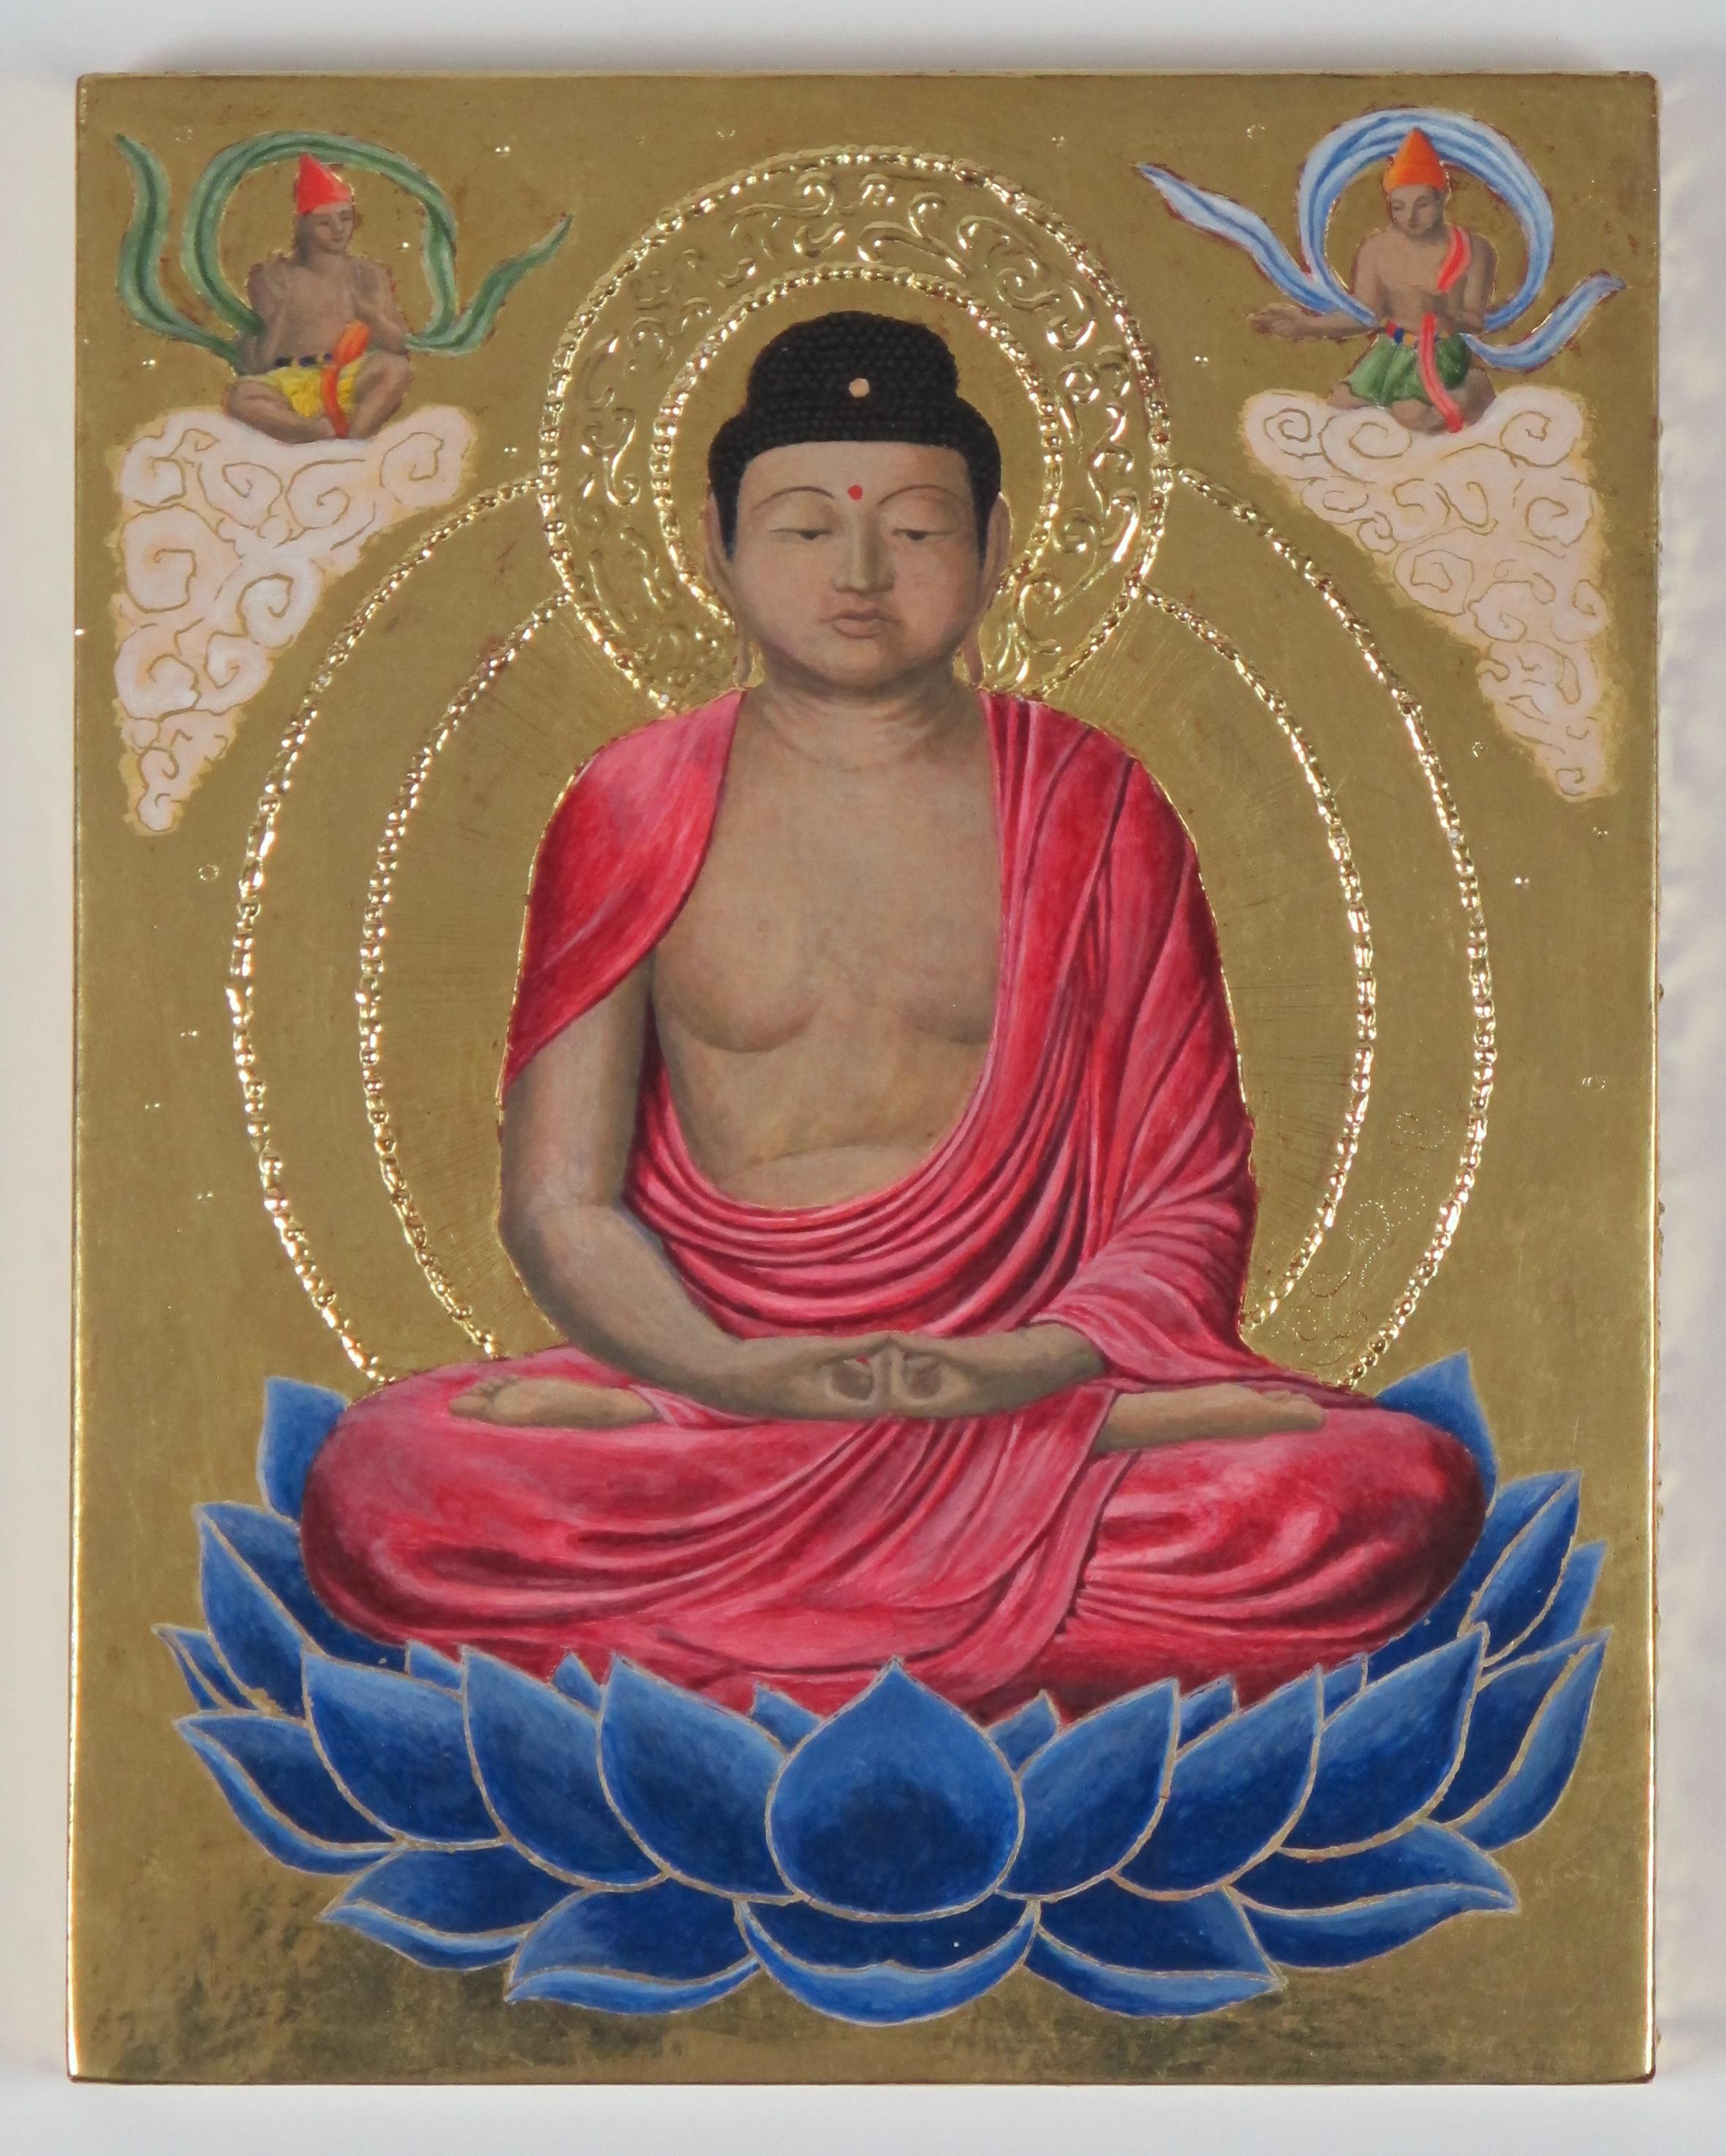 Medieval icon/Buddha mashup